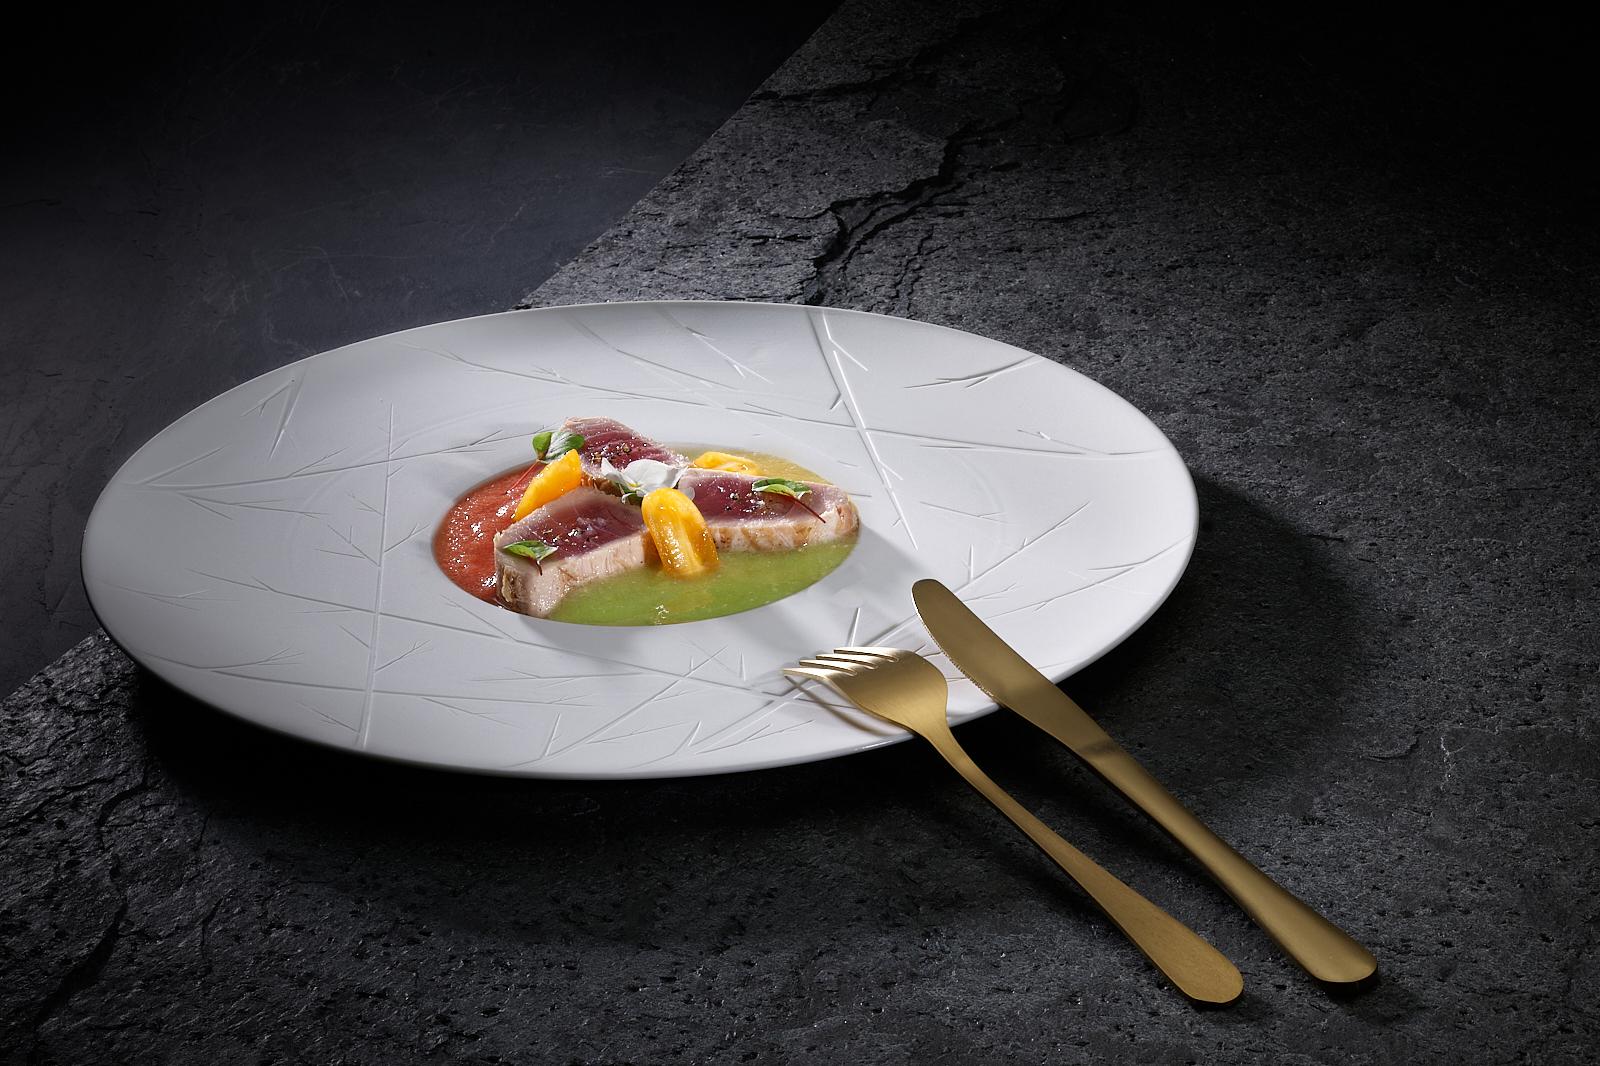 Halbgekochter roter Thunfisch mit Tomaten gefärbt